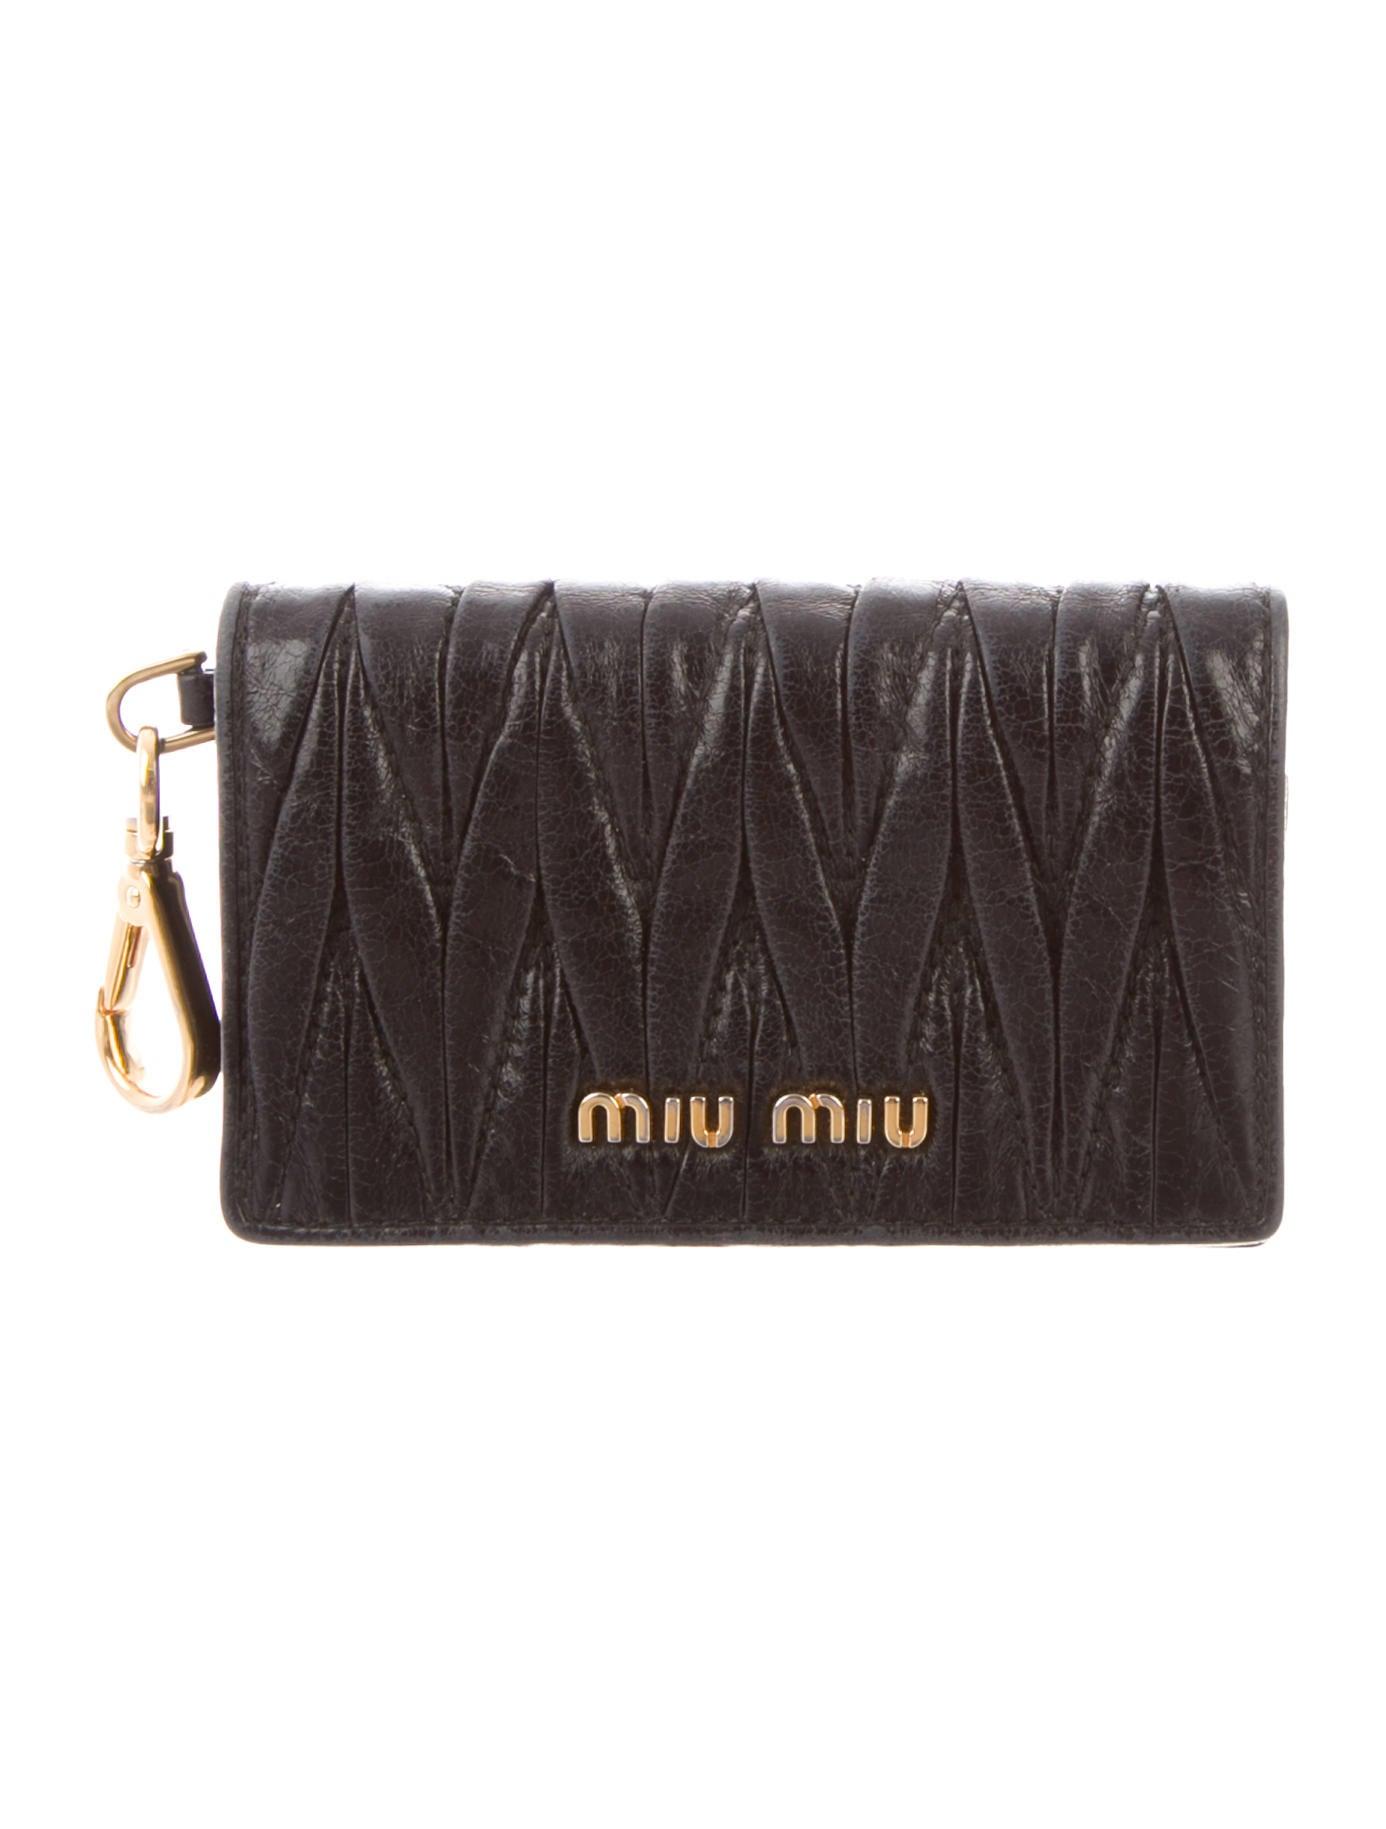 5e9ccd779e72 Miu Miu Matelassé Mini Wallet - Accessories - MIU70351